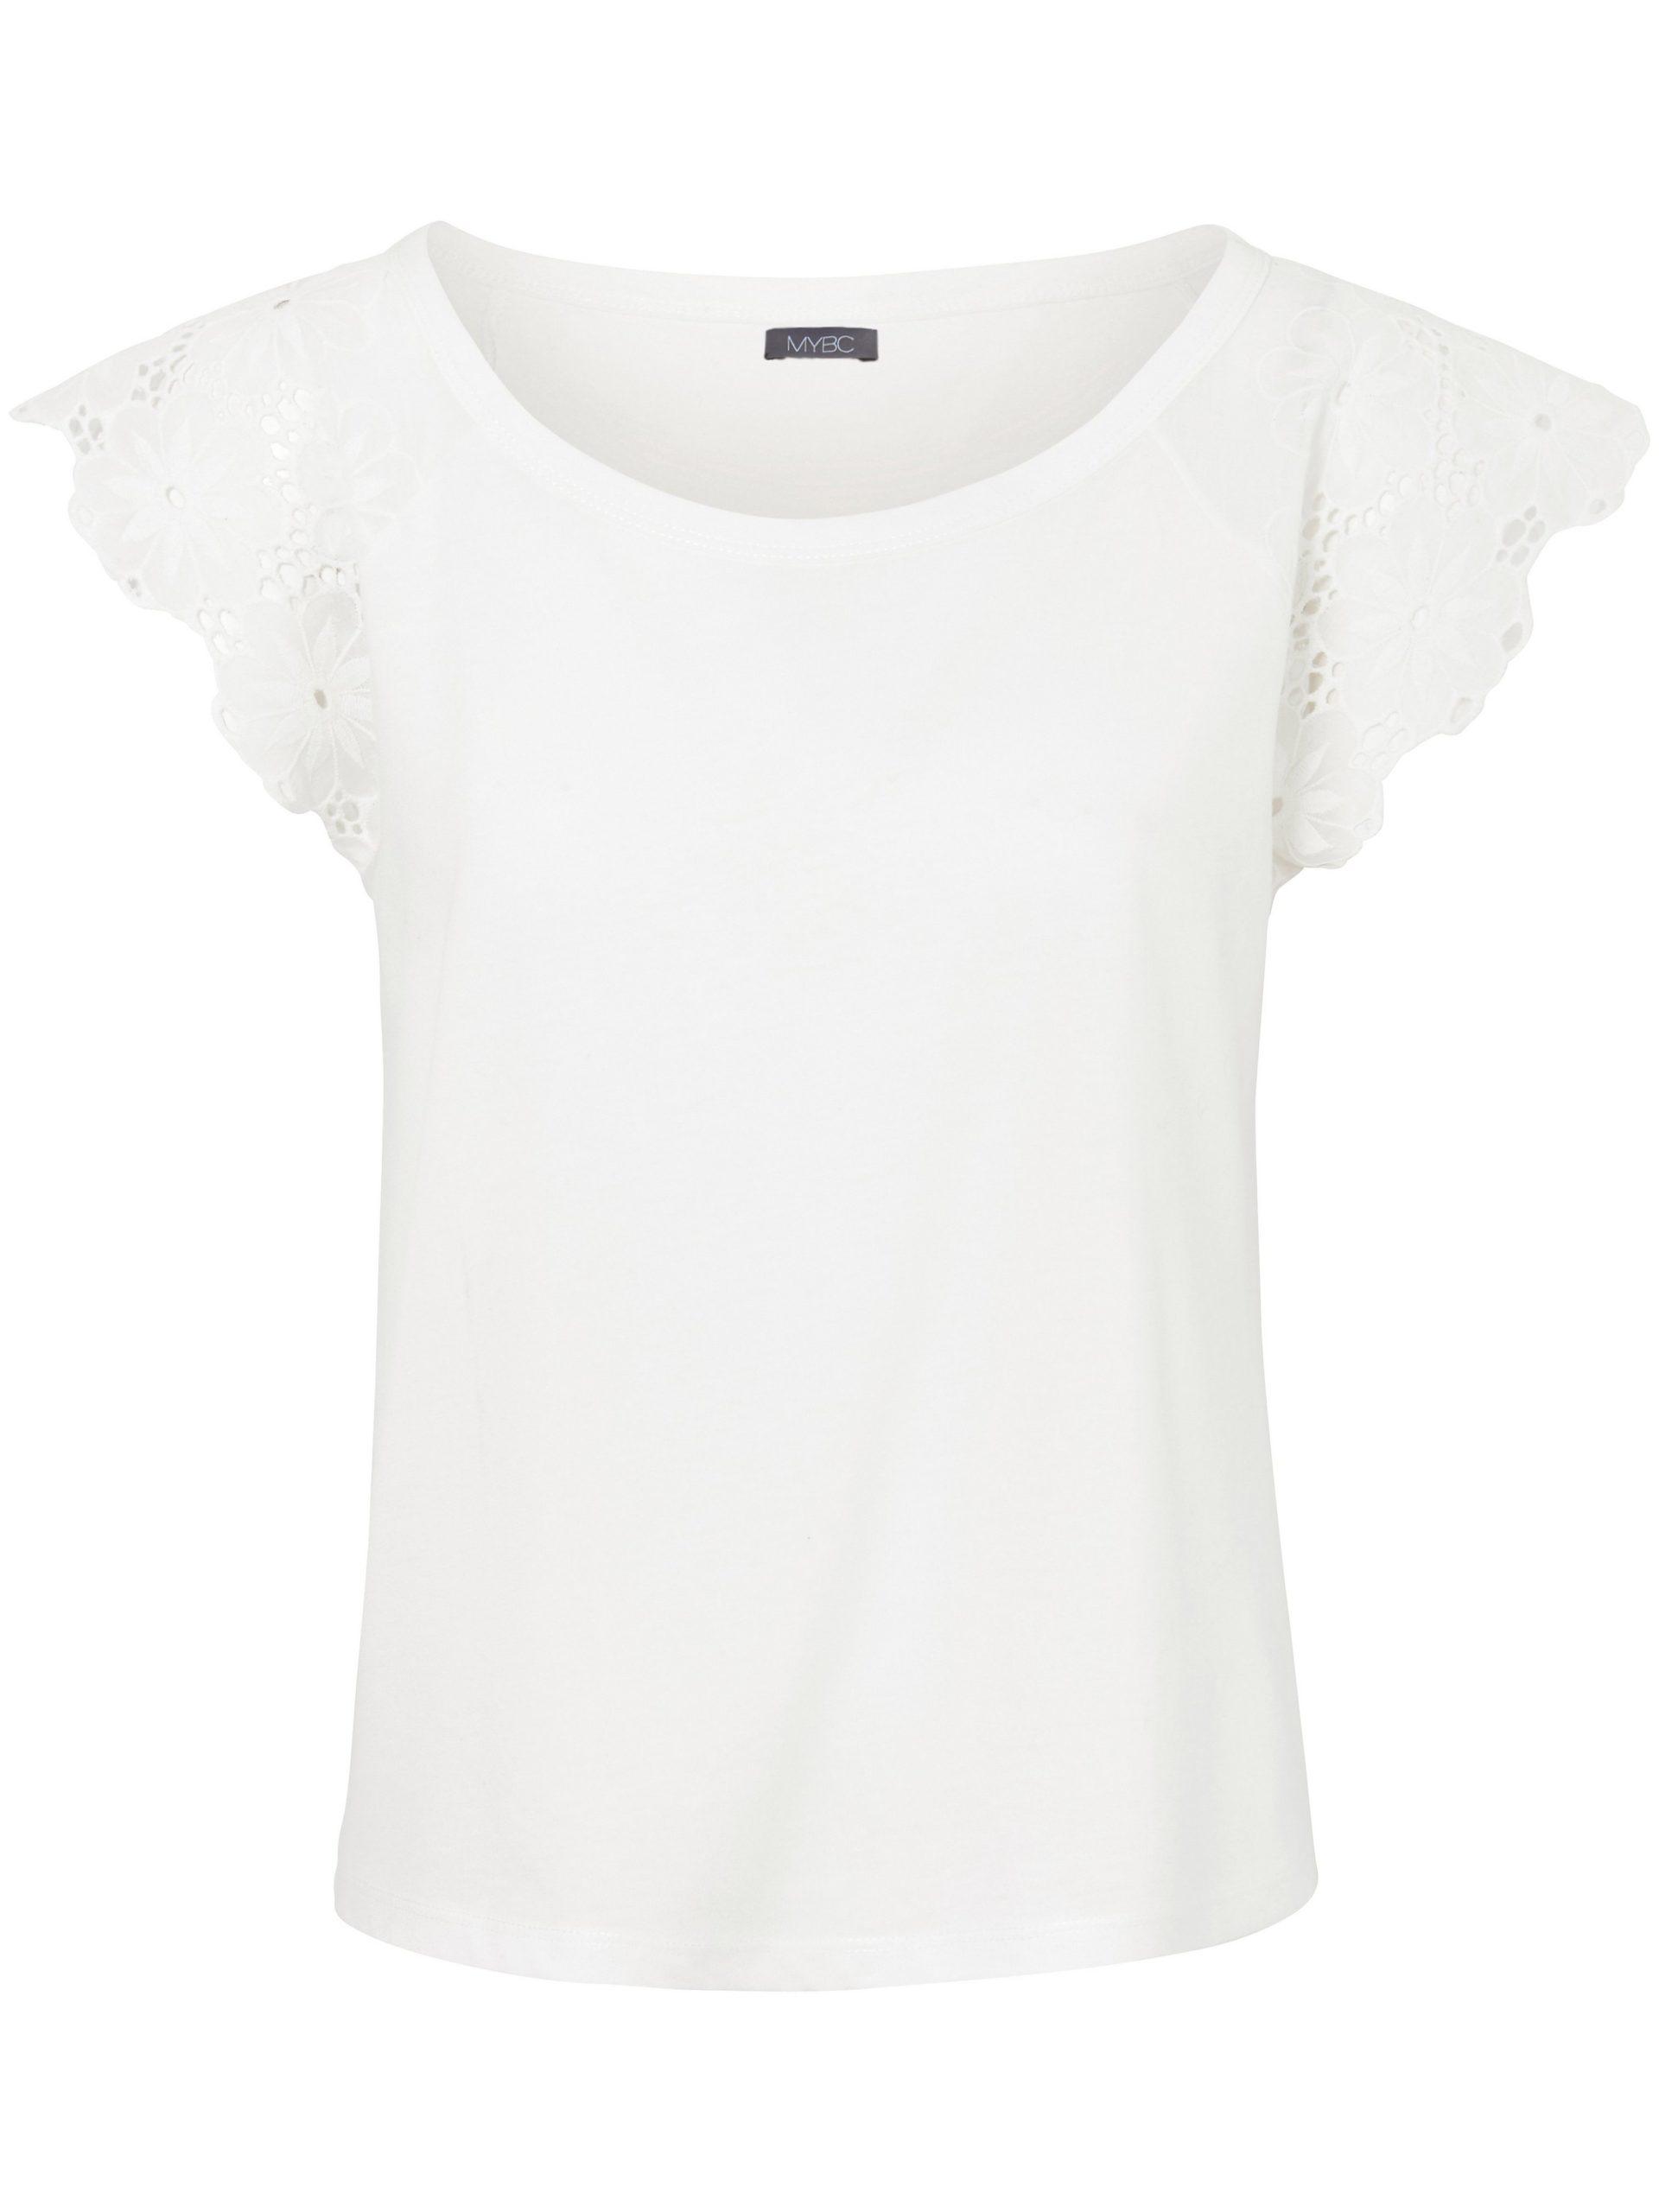 Mouwloos shirt met ronde hals Van MYBC wit Kopen